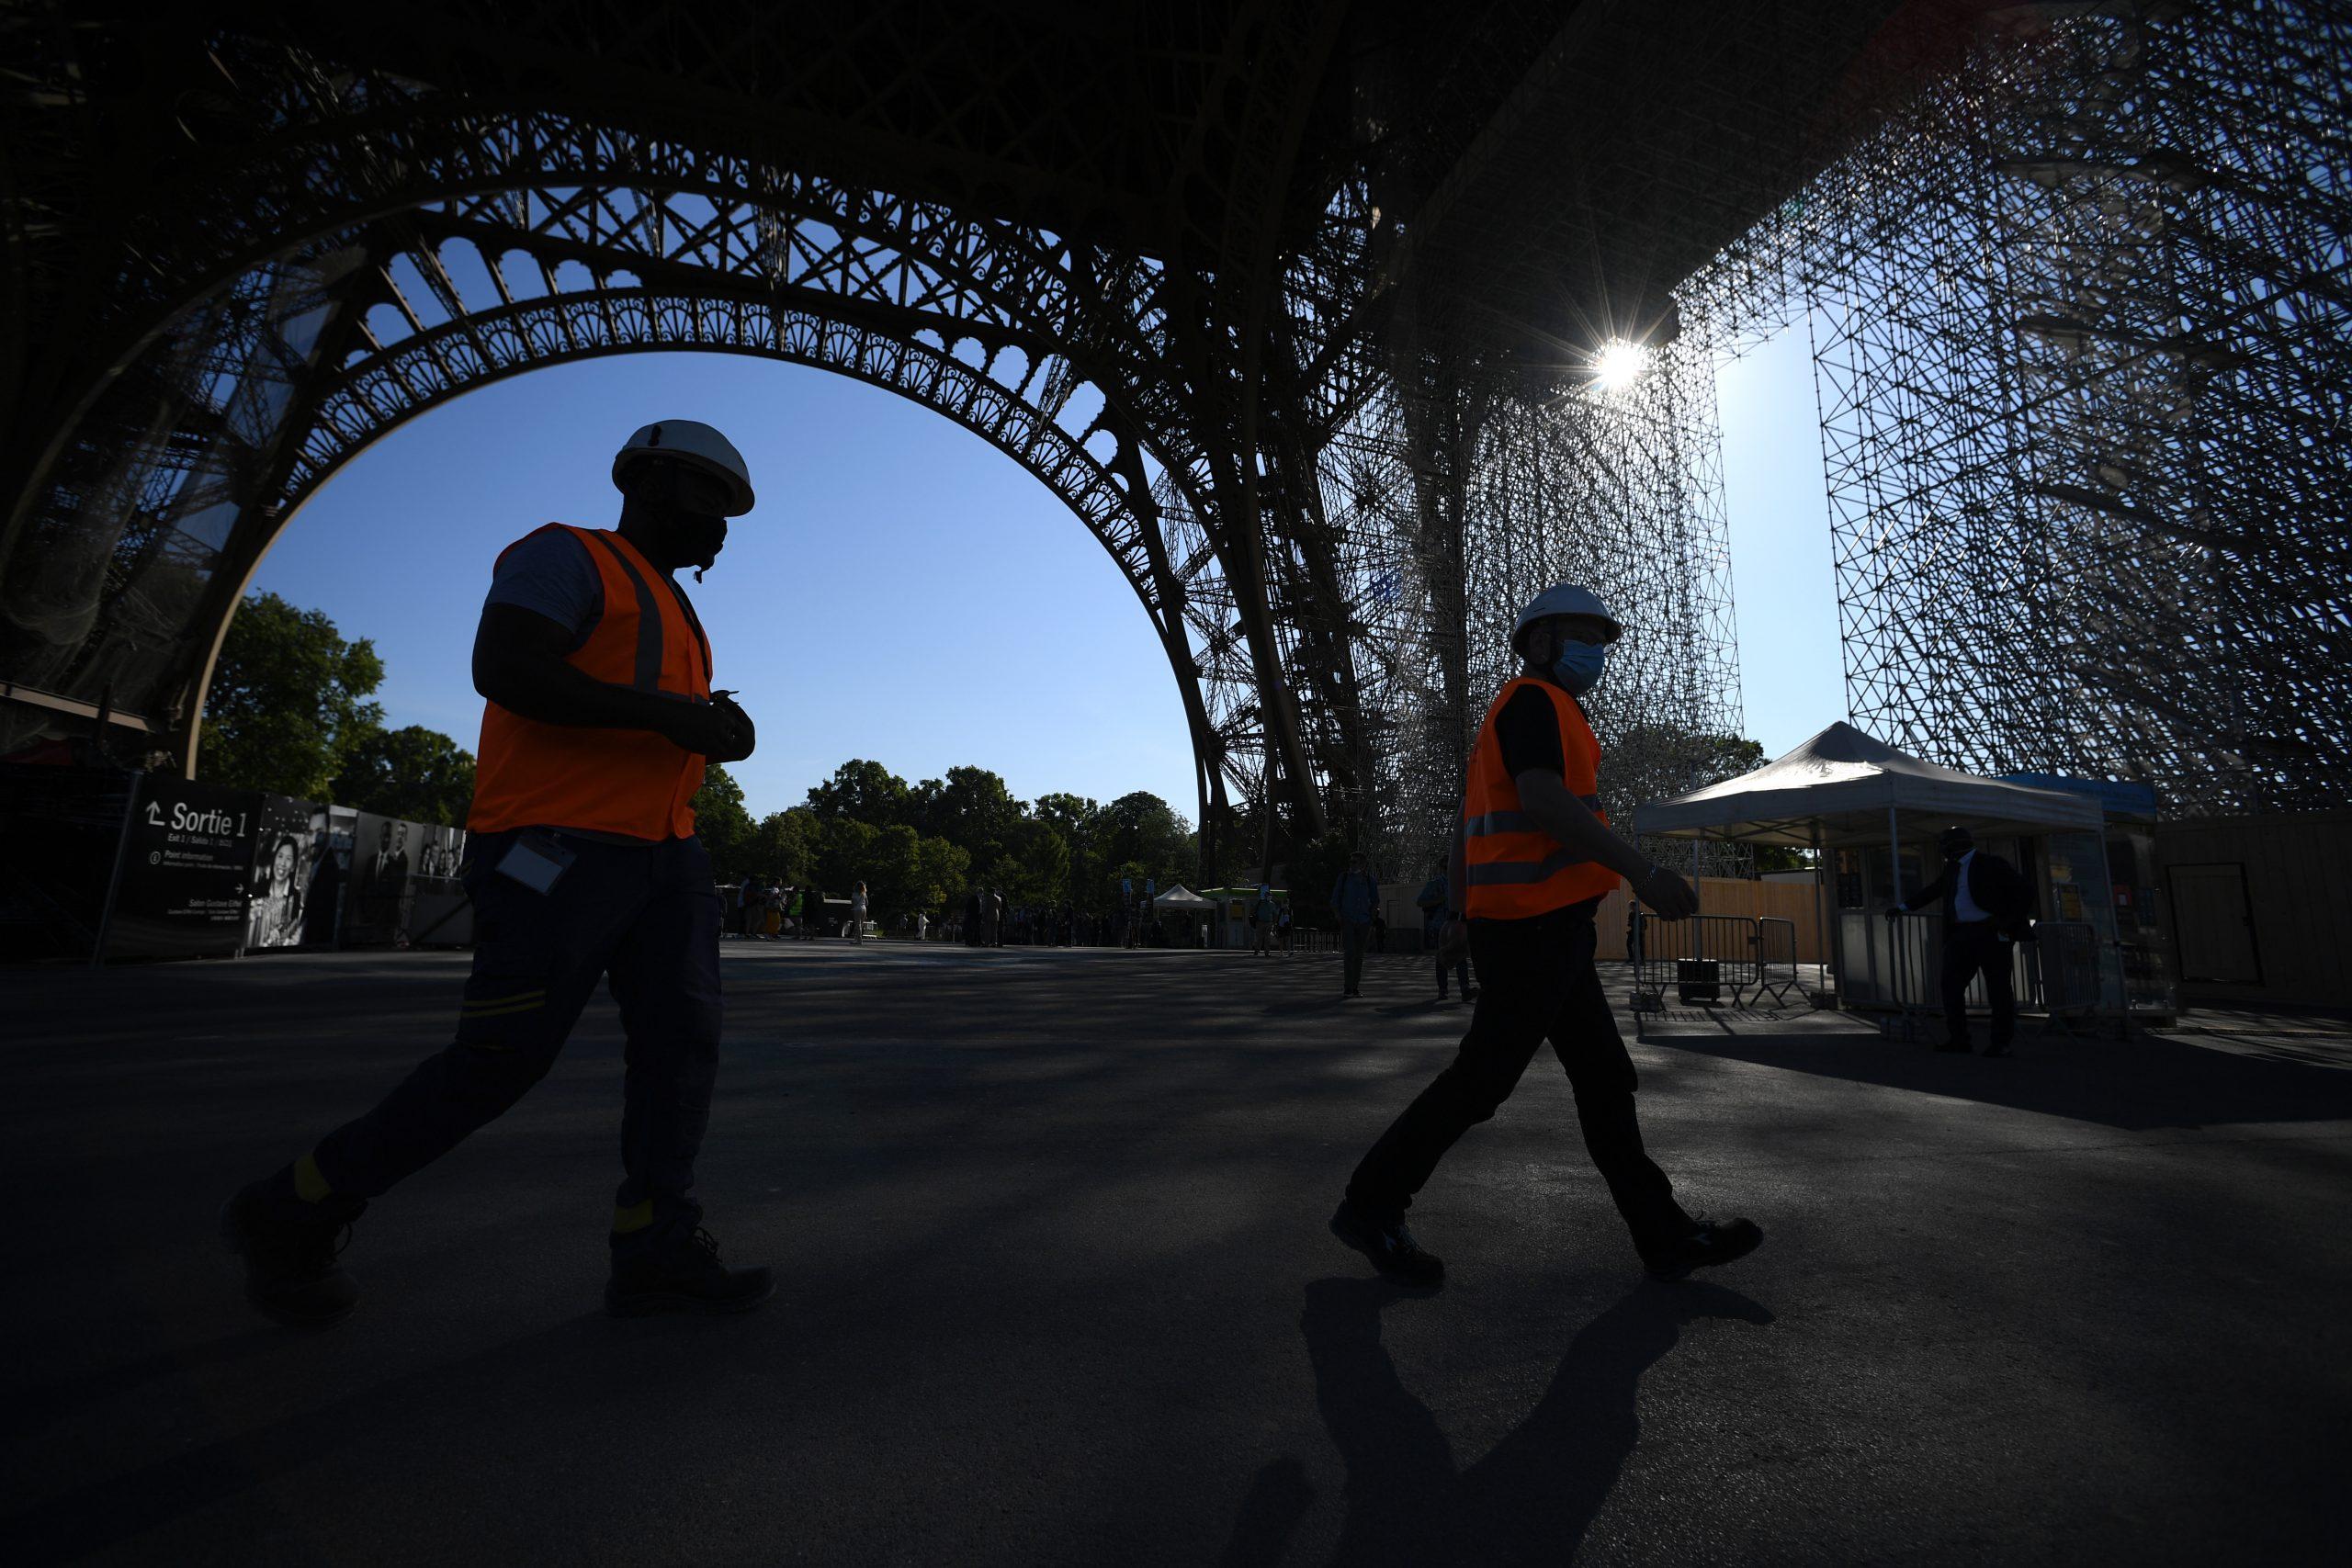 La Torre Eiffel reabre sus puertas tras casi tres meses de cierre